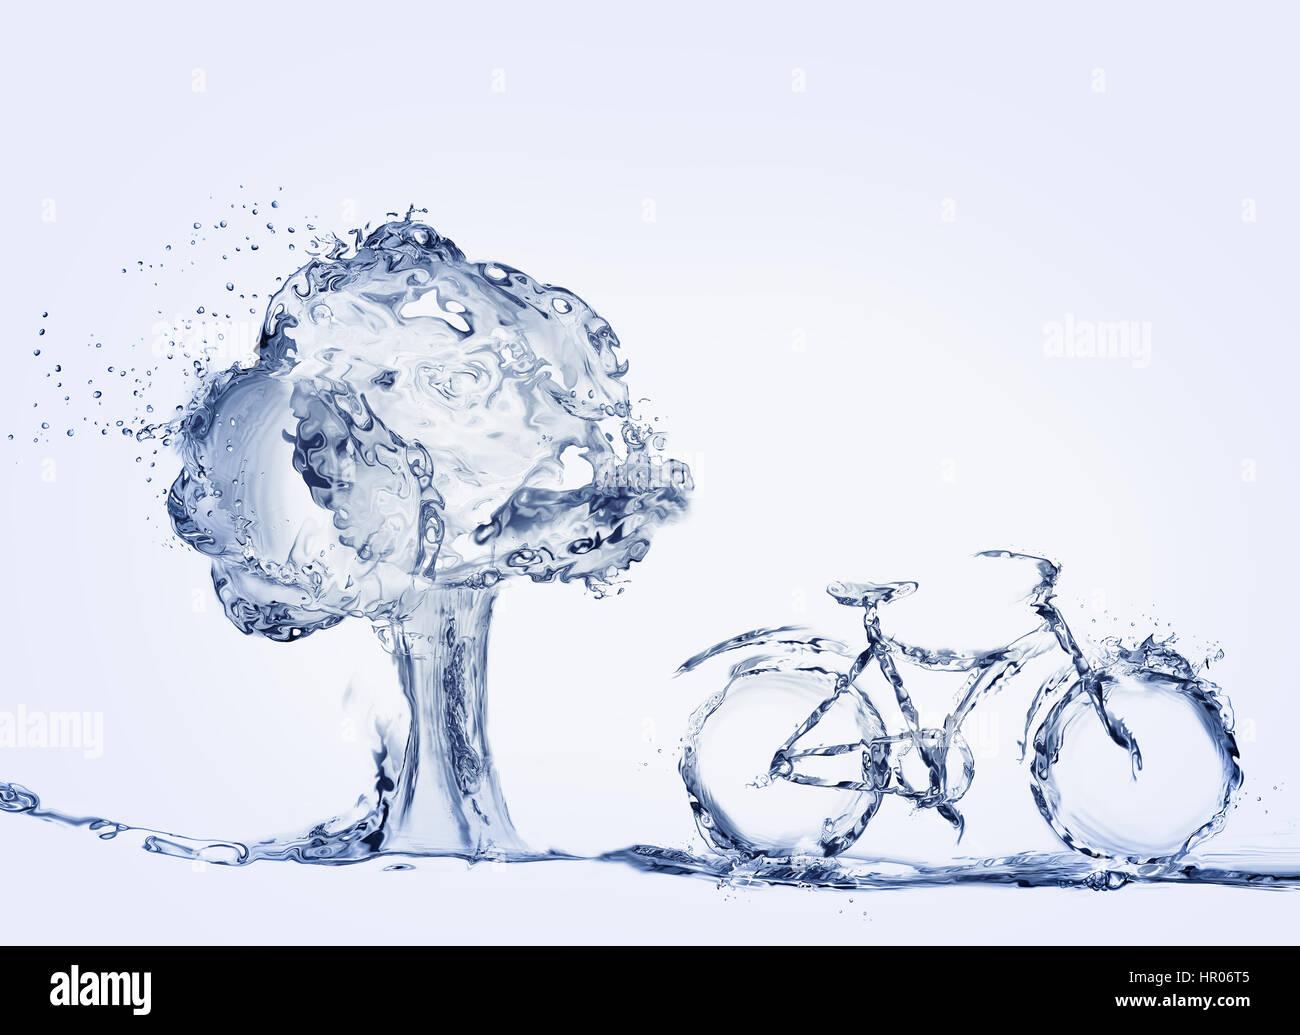 Un vélo fait d'eau pour représenter l'utilisation de moyens de transport garé en face de l'arbre. Banque D'Images